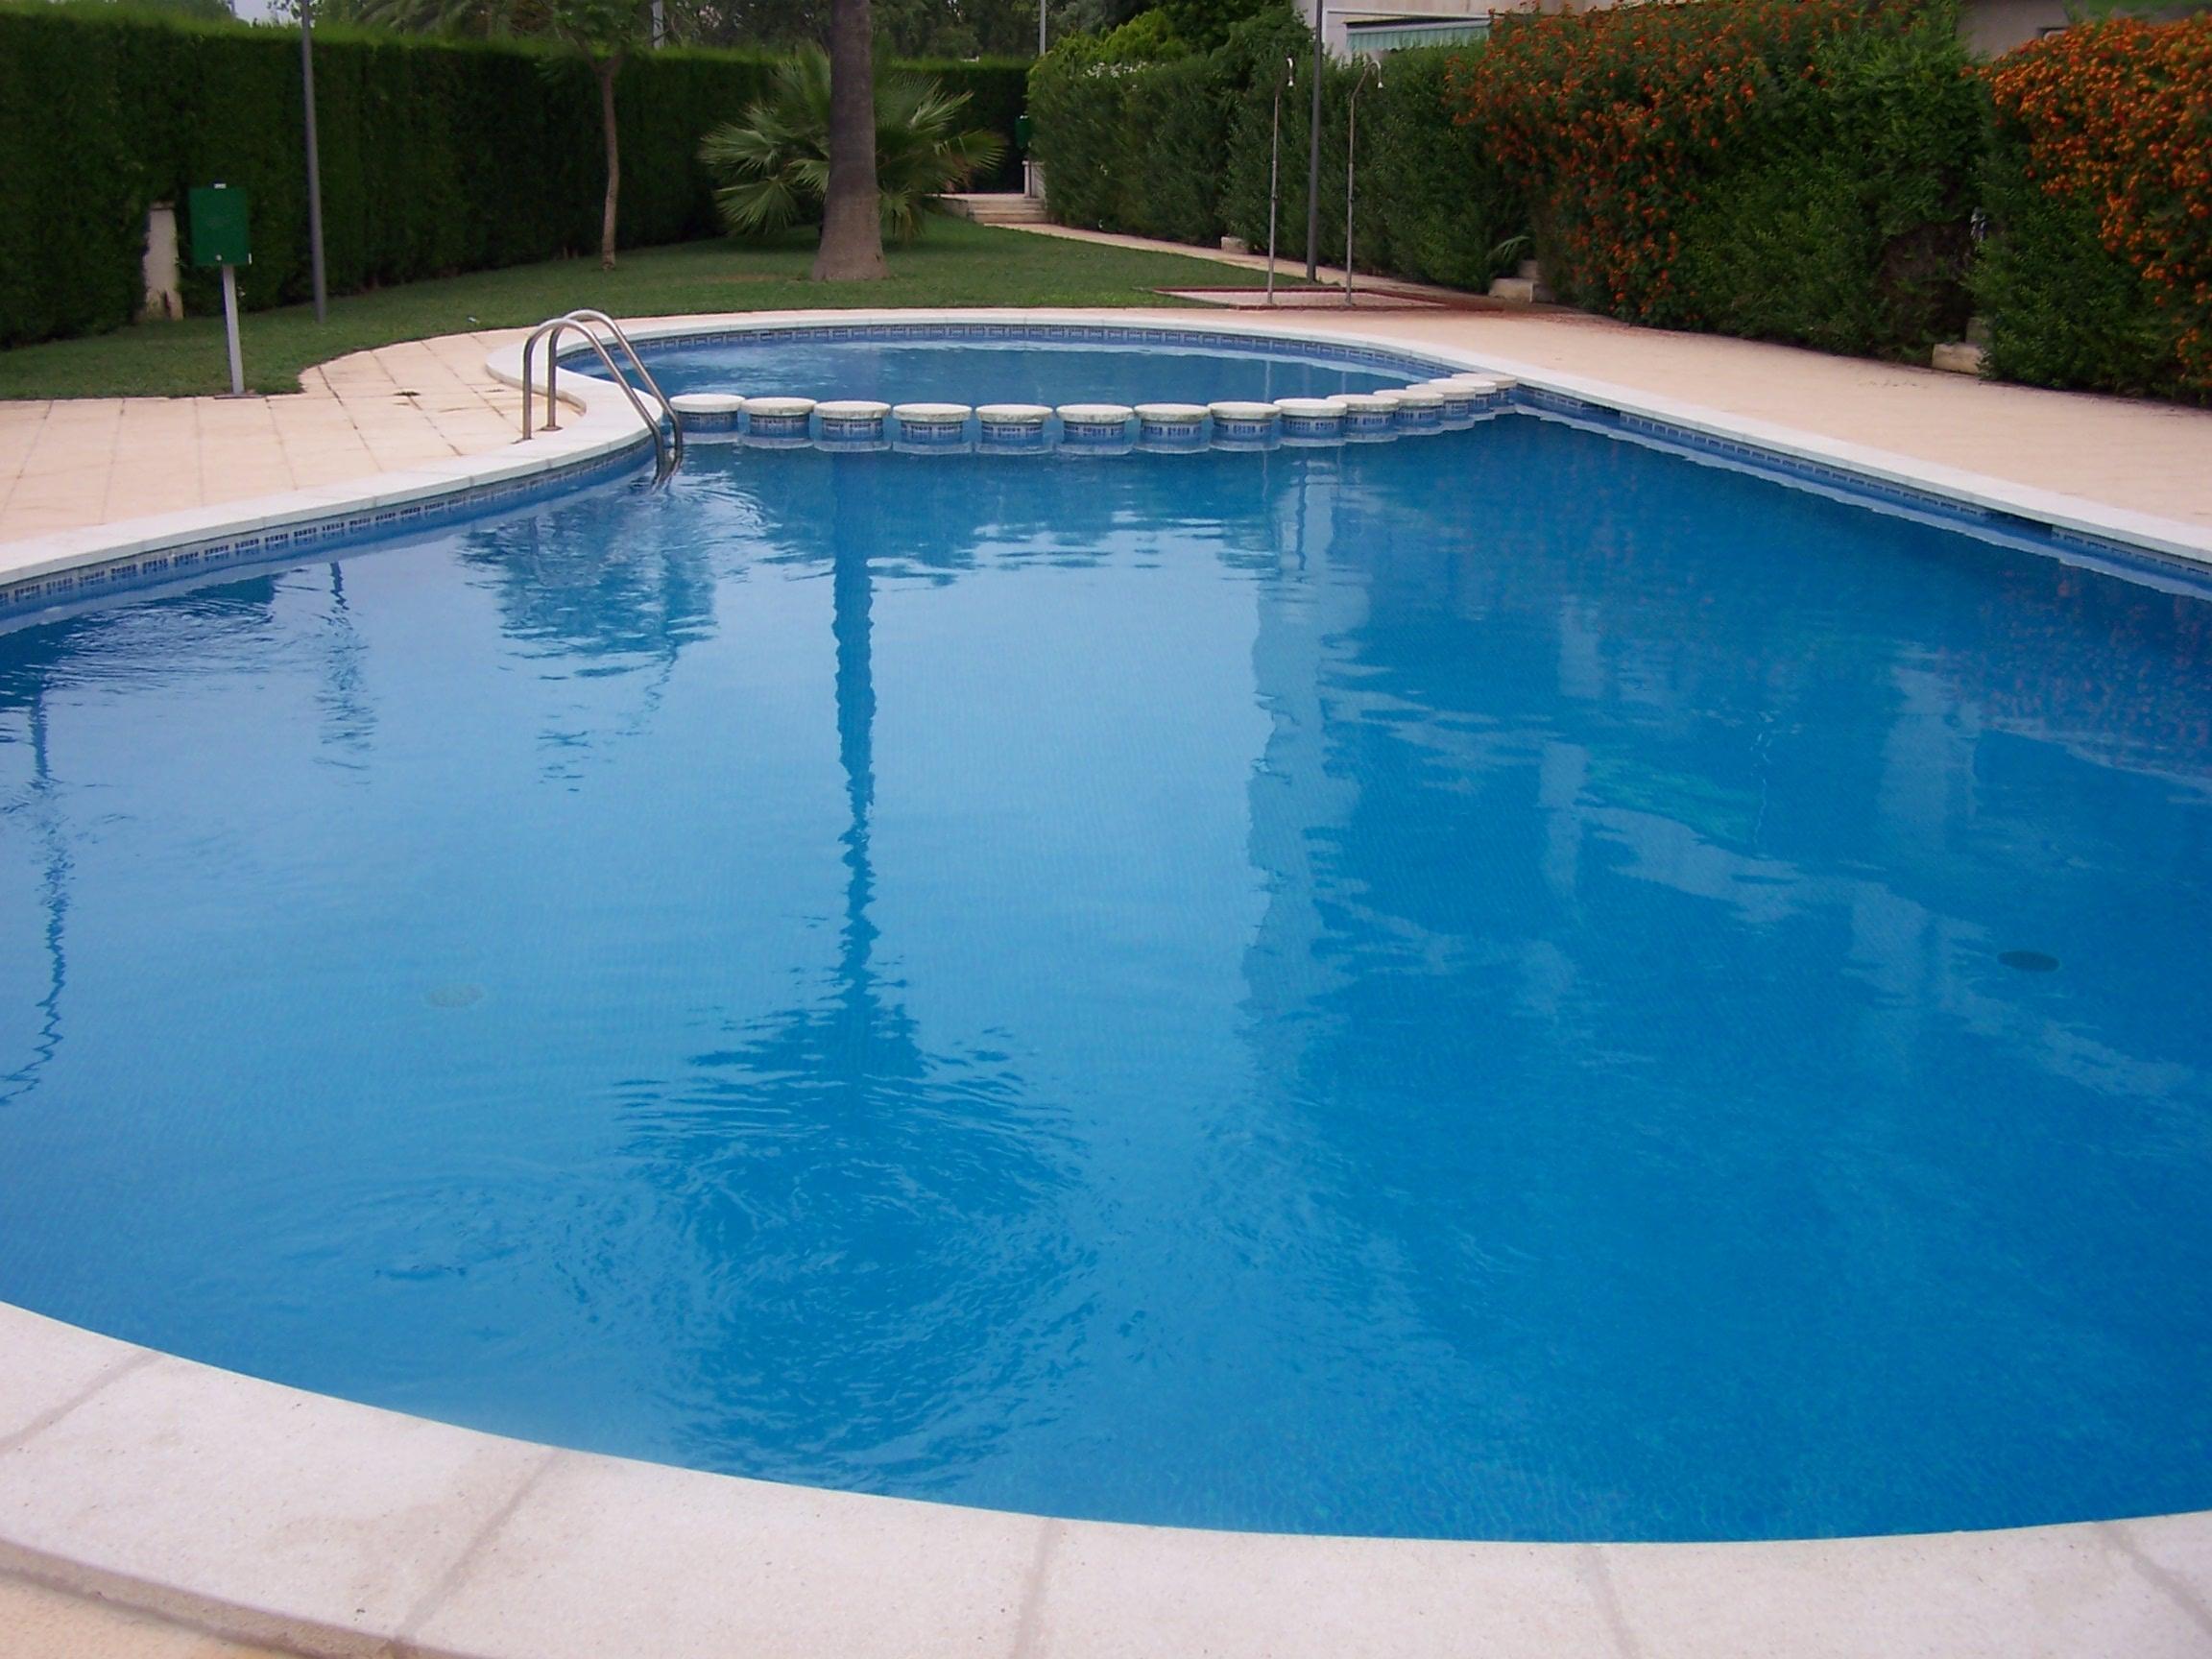 Piscinas de obra codetrac s l expertos en piscinas - Piscinas de obra ...